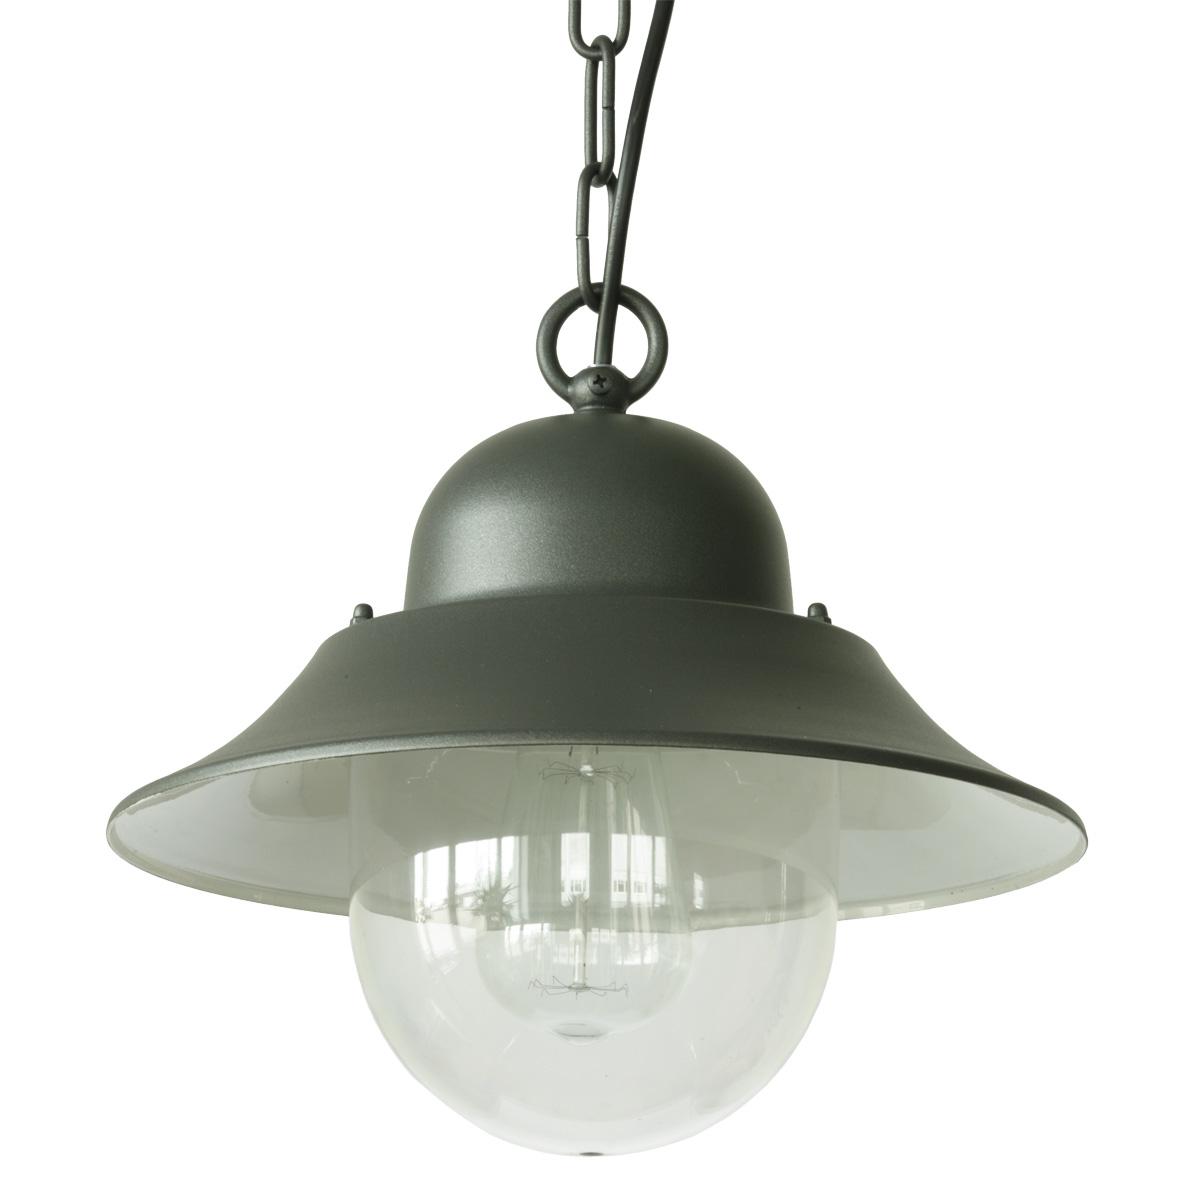 industrial style outdoor lighting. Image 1: Abbildung In Graphitgrau: Industriestil-Außenlampe Mit Kettenaufhängung. Industrial-Style Outdoor Light Industrial Style Lighting O